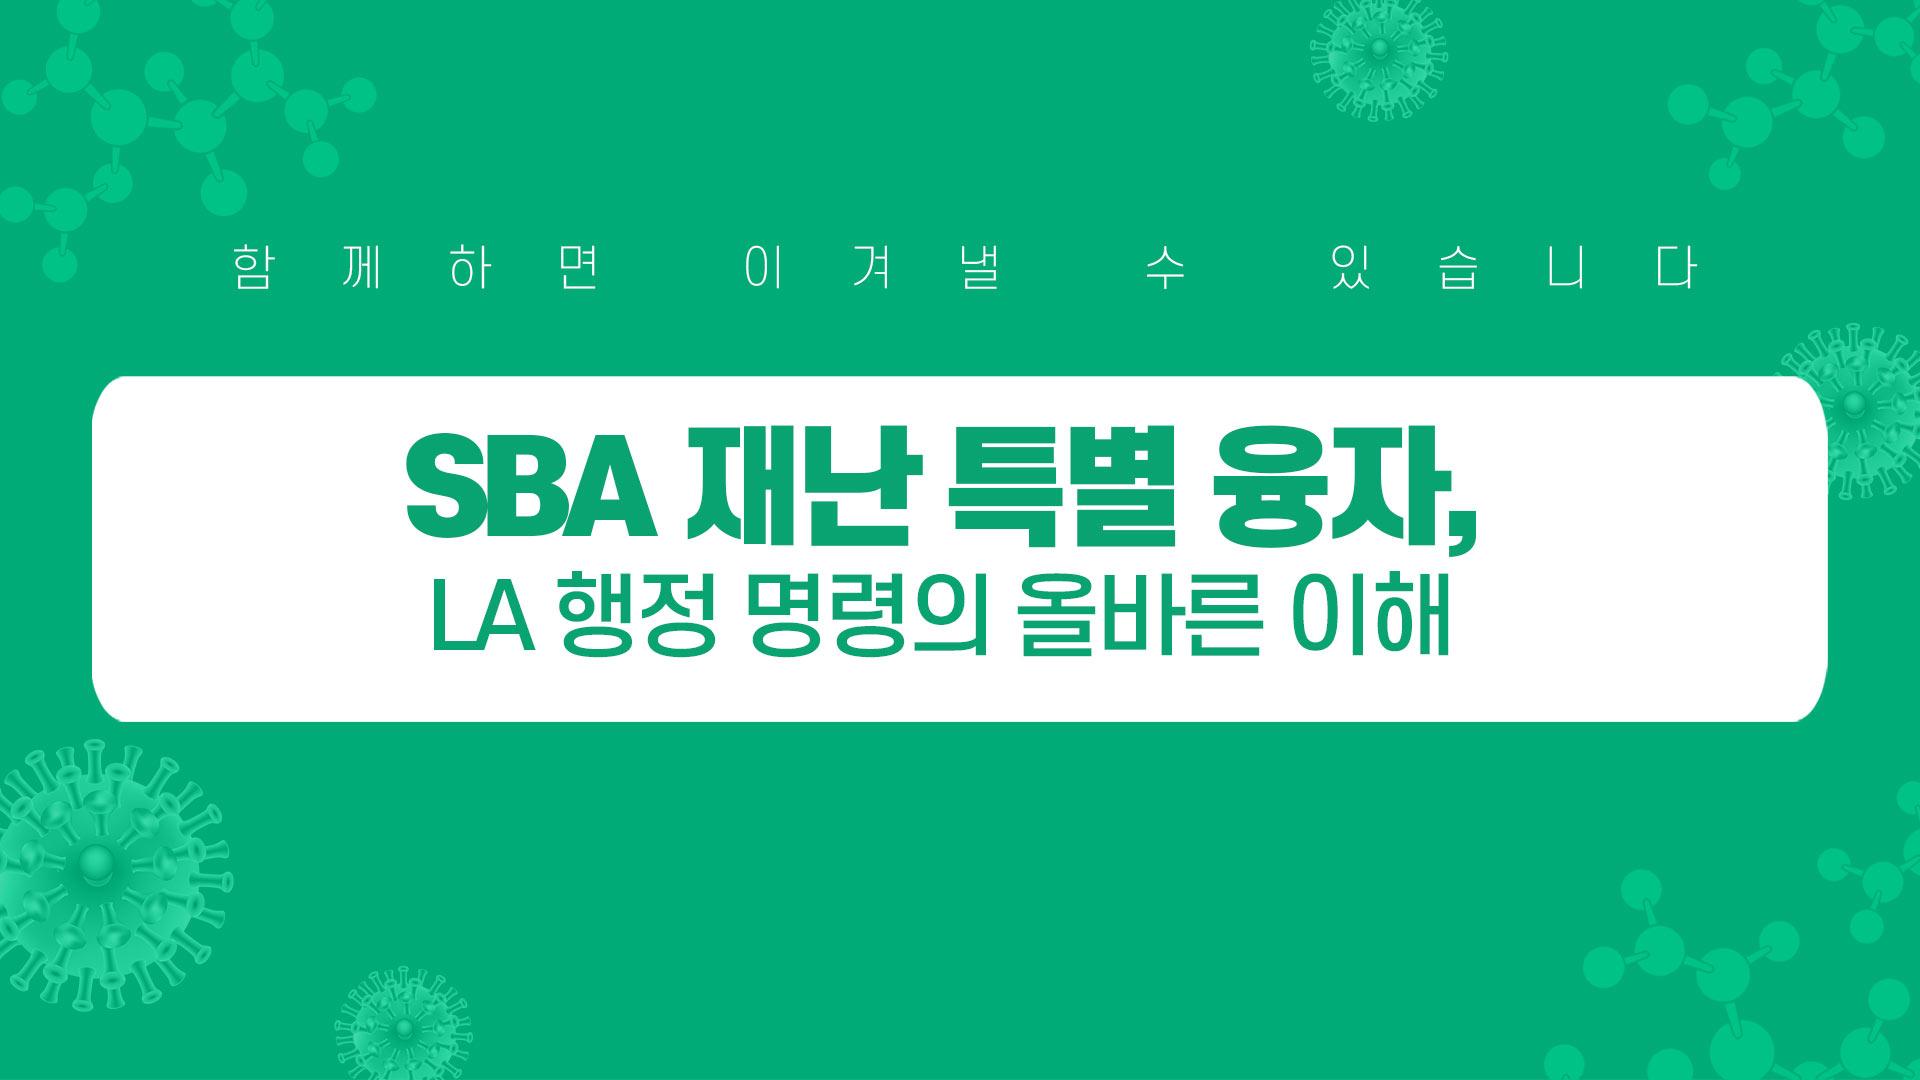 안병찬 CPA의 경기 부양 패키지 법안 - SBA 재난 특별 융자, LA 행정 명령의 올바른 이해